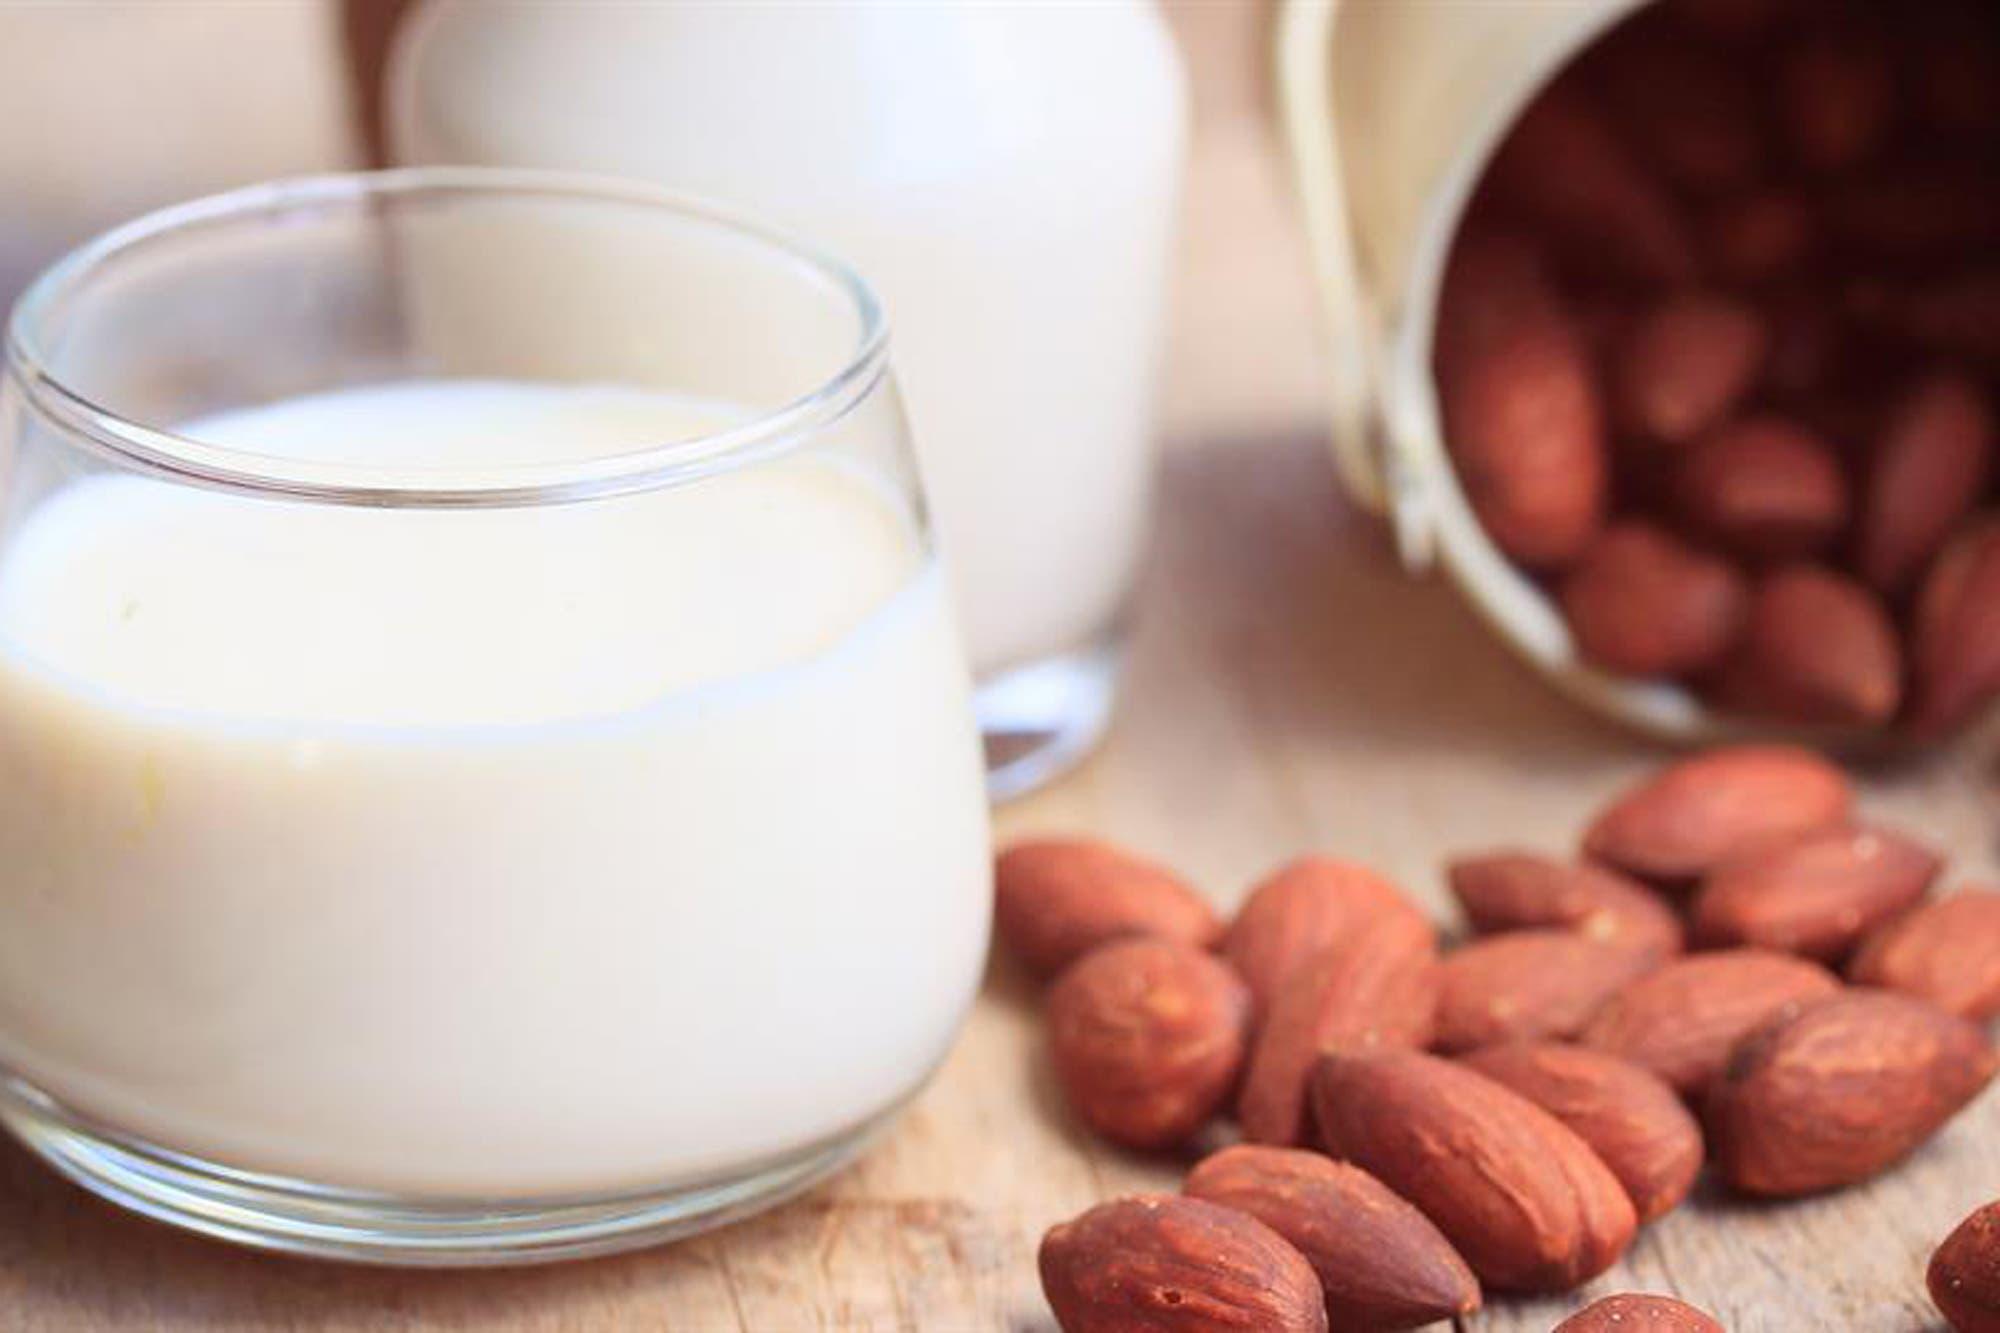 La Anmat prohibió la comercialización de una bebida de almendras, entre otros productos